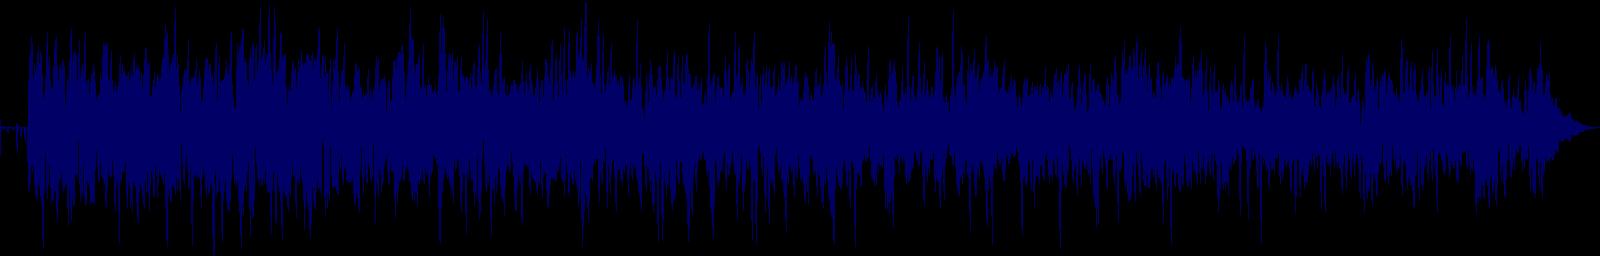 waveform of track #151735